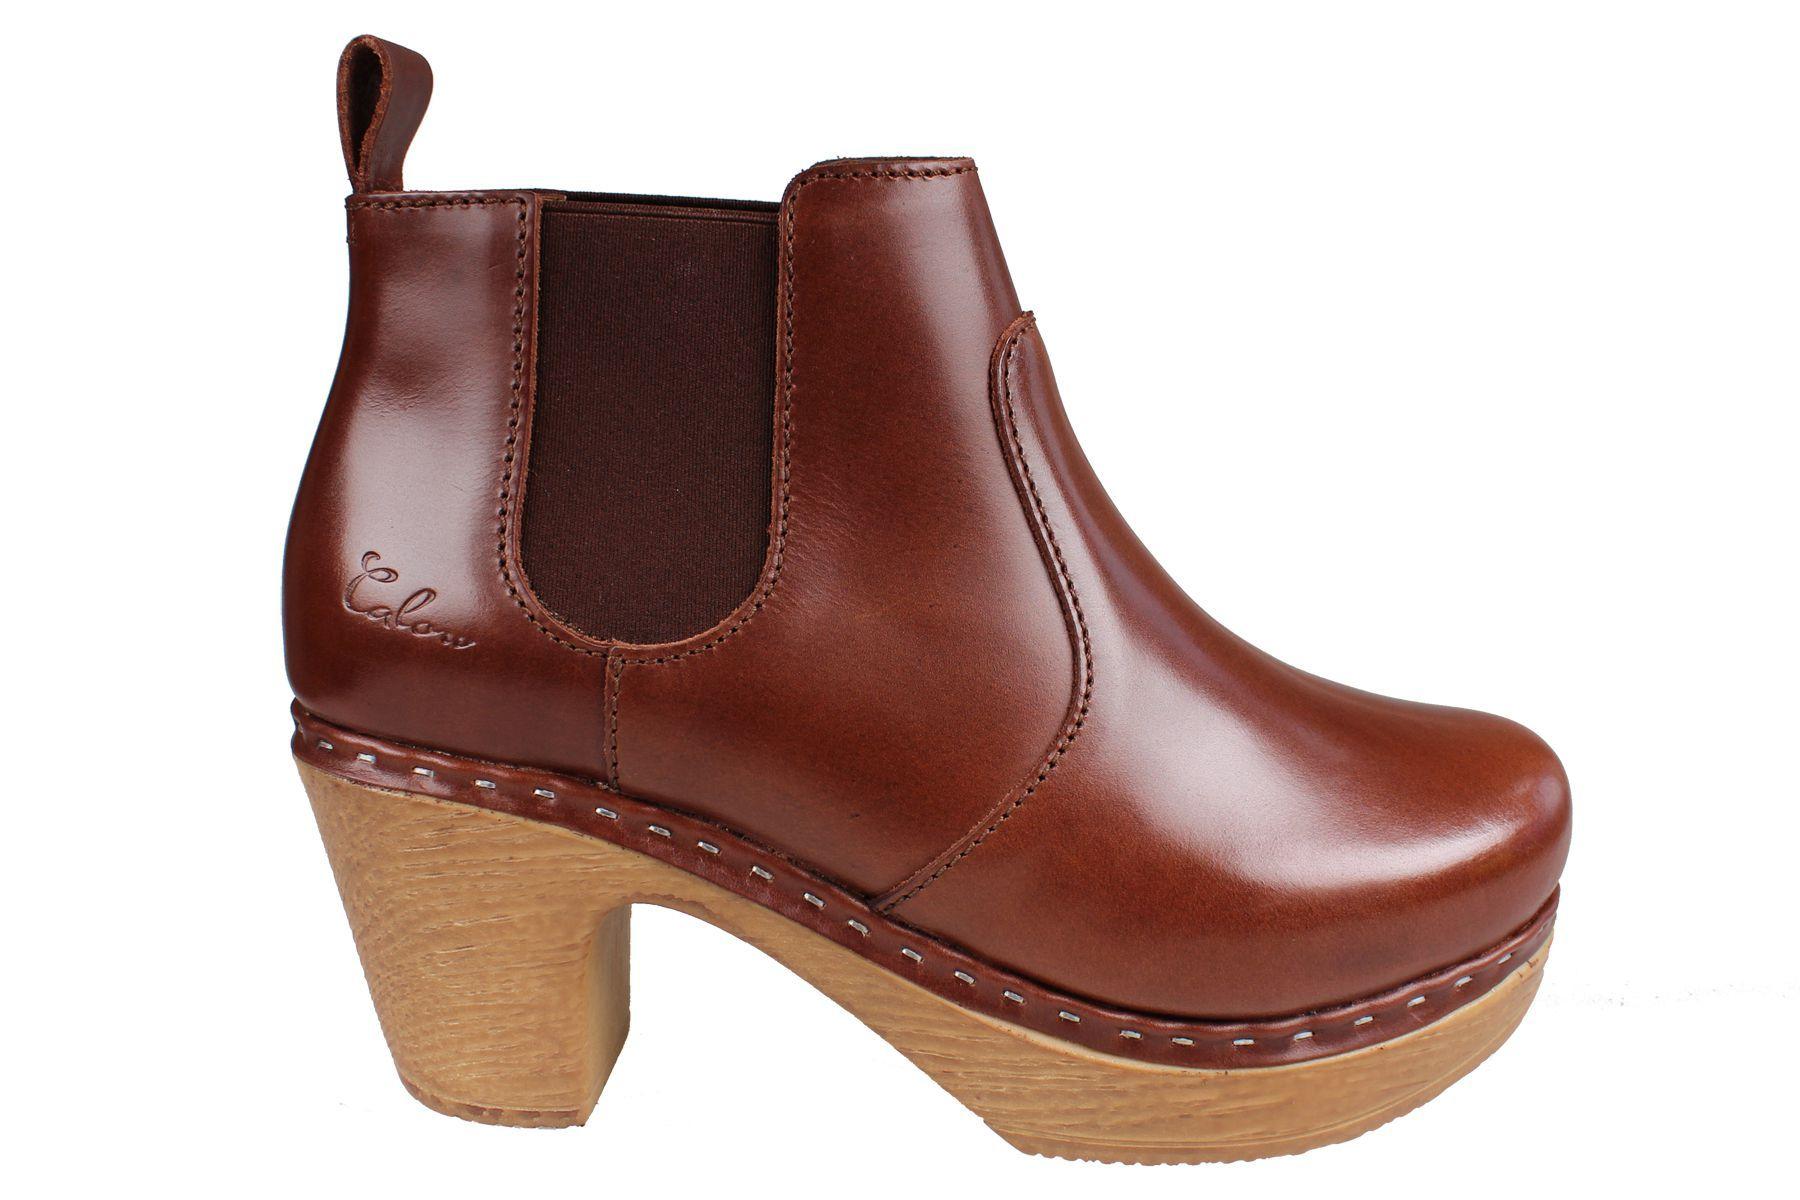 Calou Doris Boot in Brown